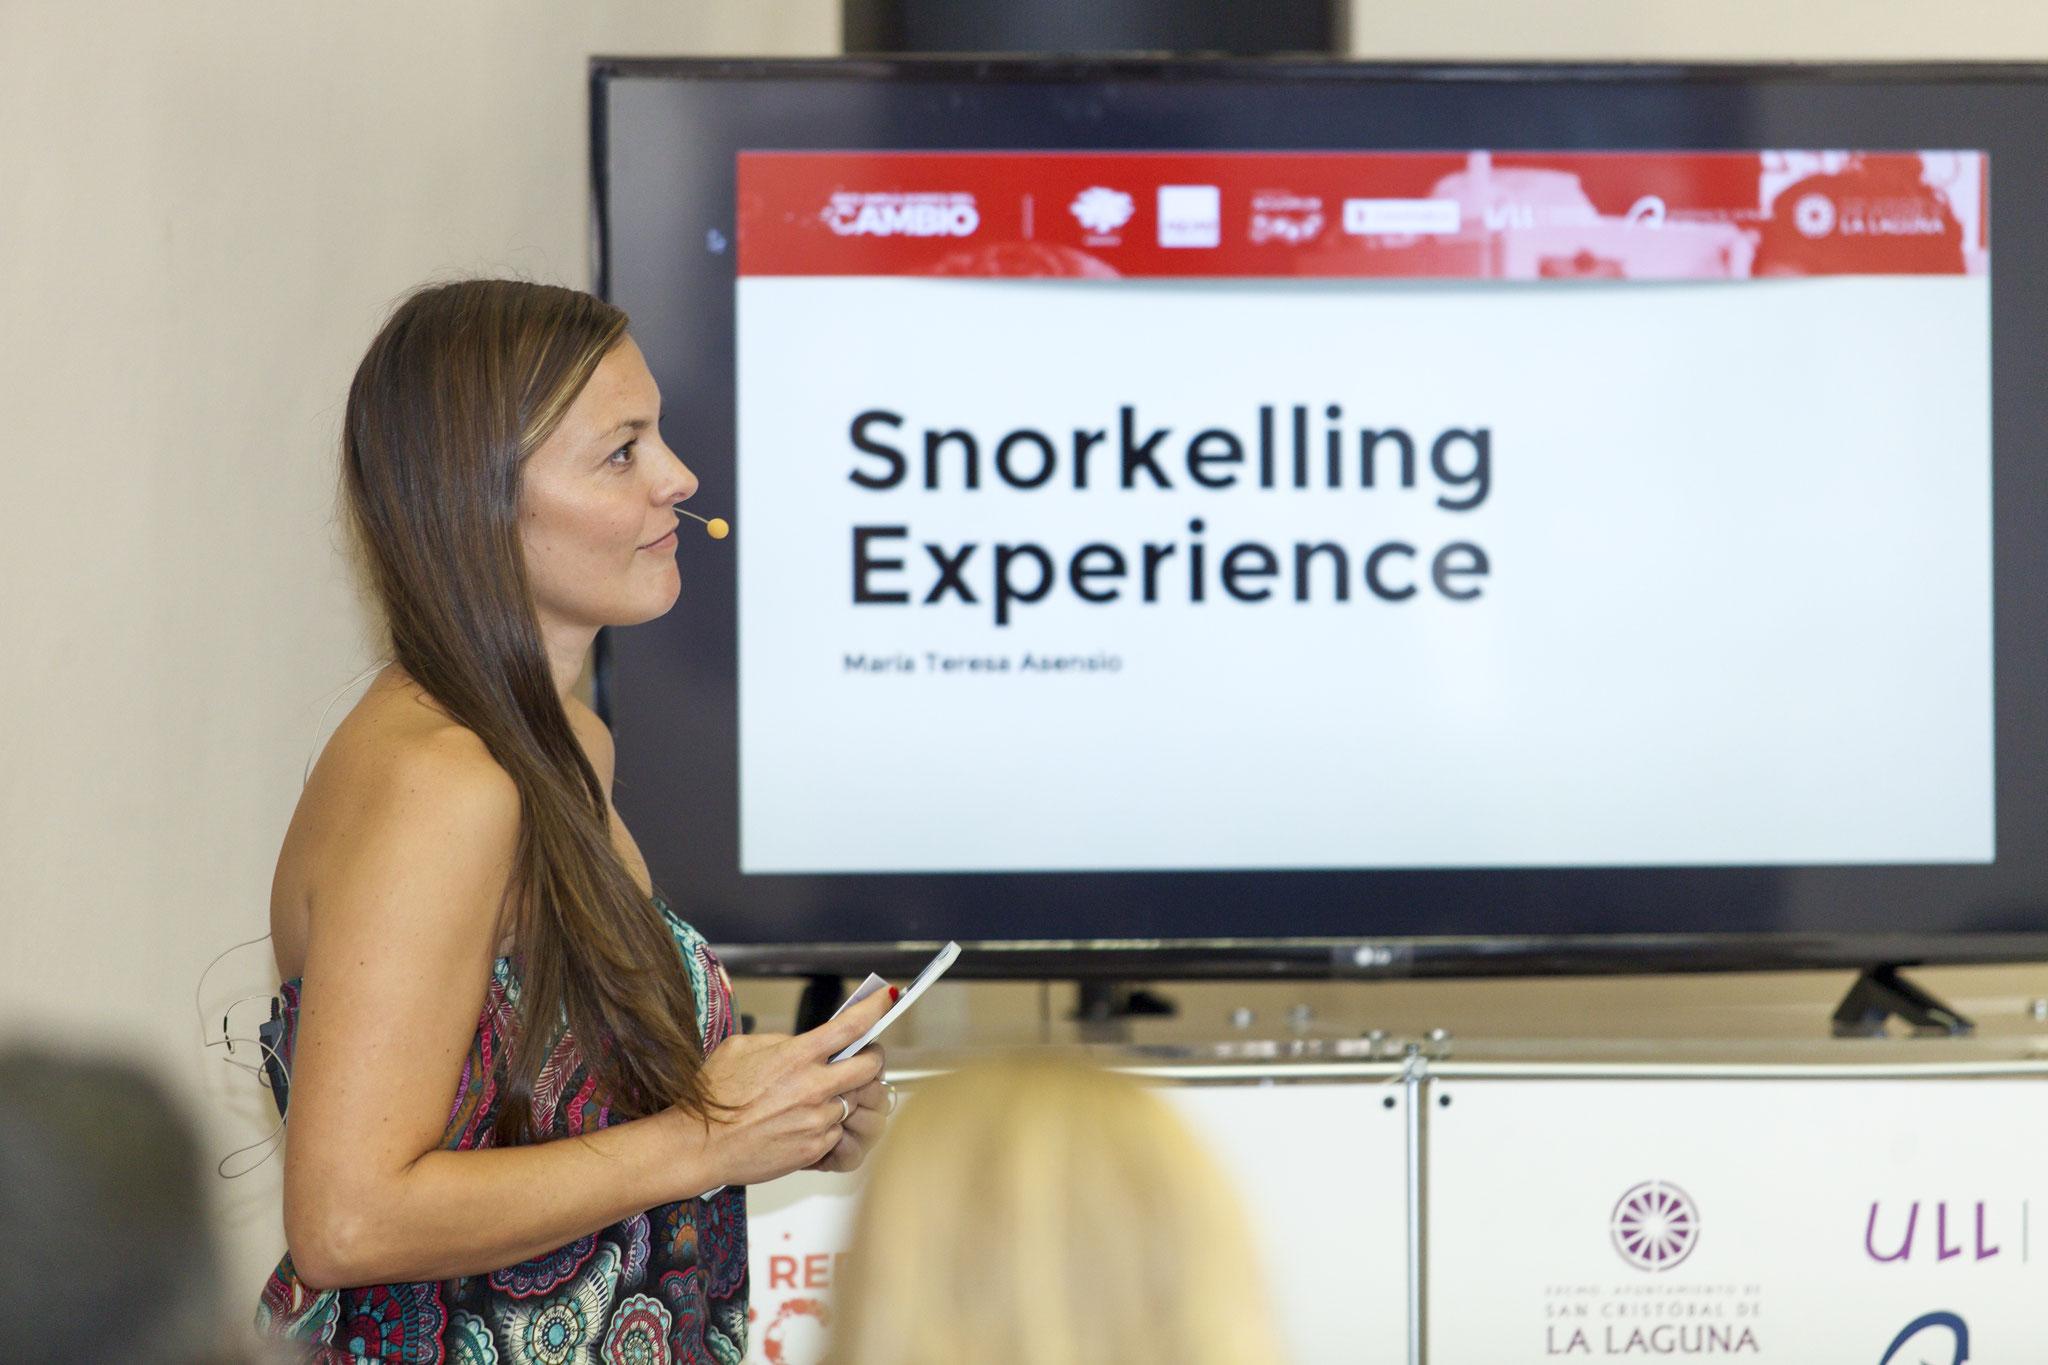 María Teresa Assencio, Snorkeling experience